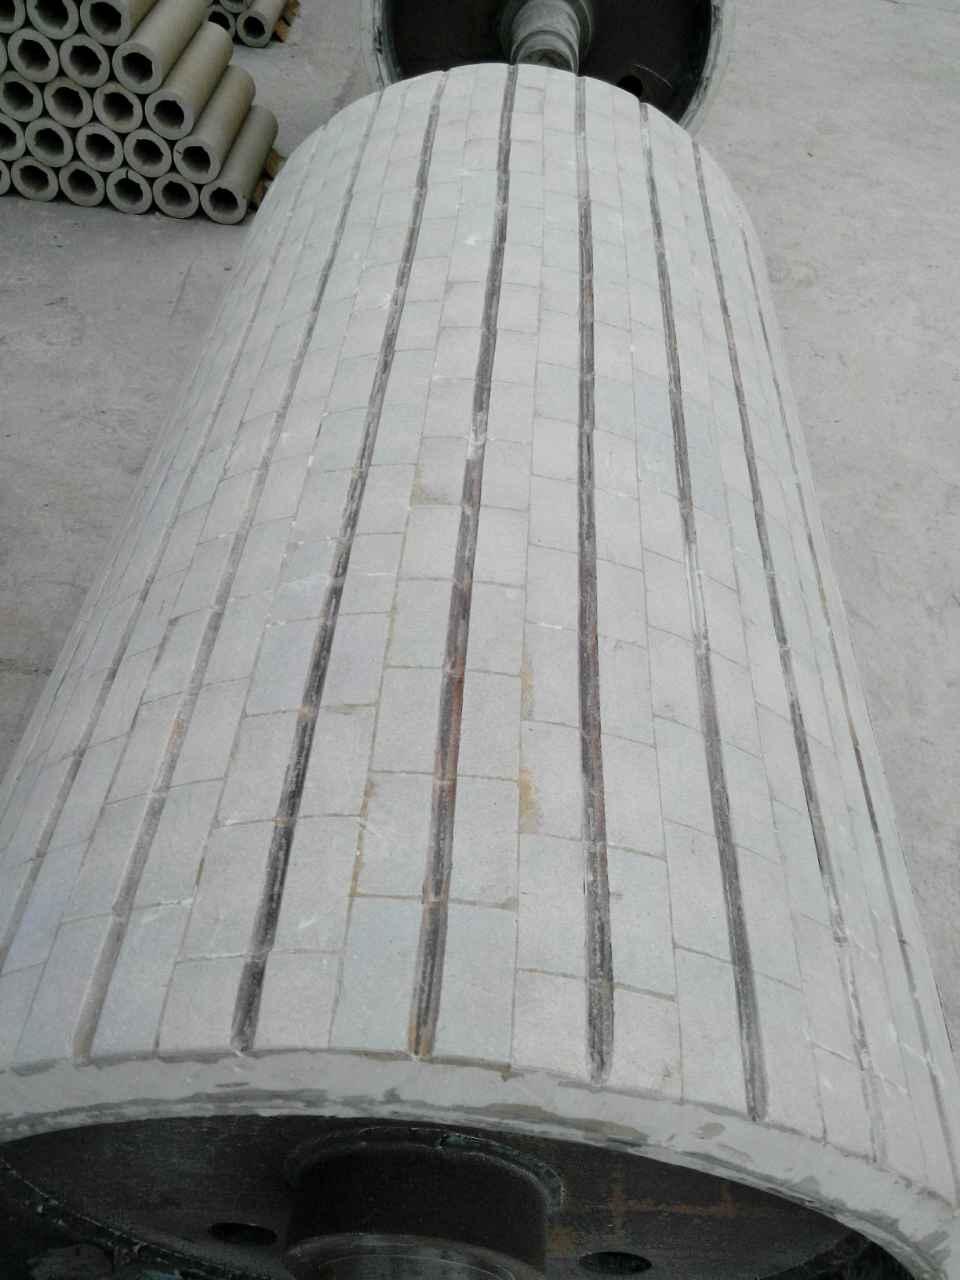 耐磨滚筒包胶厂家直销|耐磨滚筒陶瓷包胶价格与质量